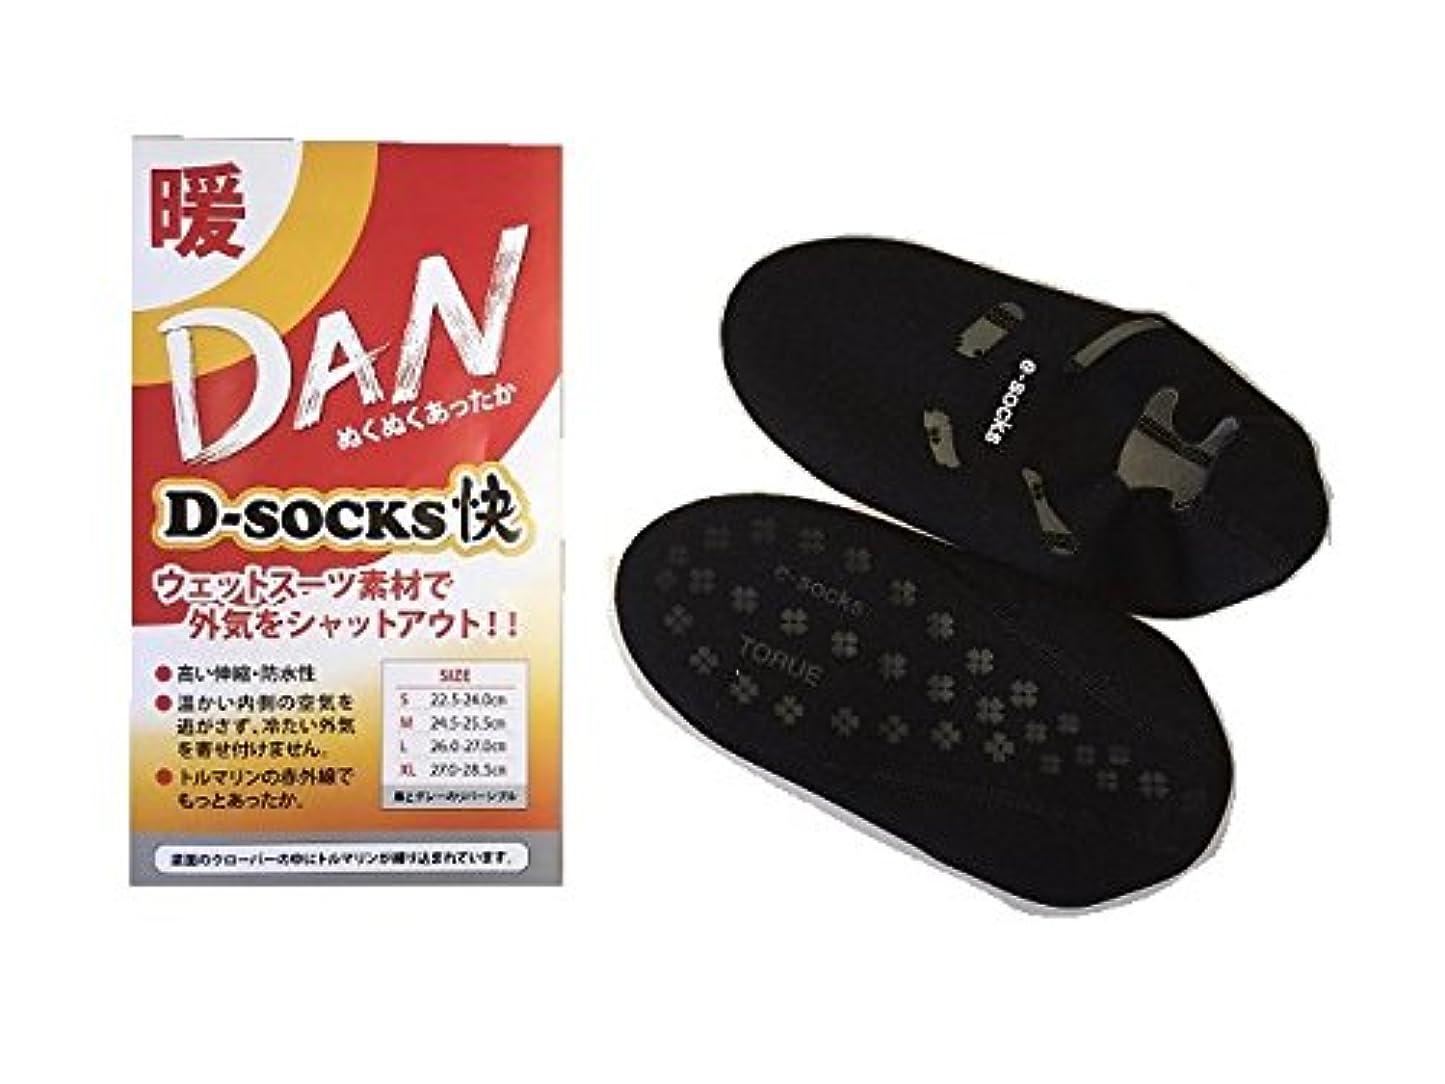 雪だるまを作る等価の量D-socks 快 (トルマリンソックス) (M 24.5-25.5cm)